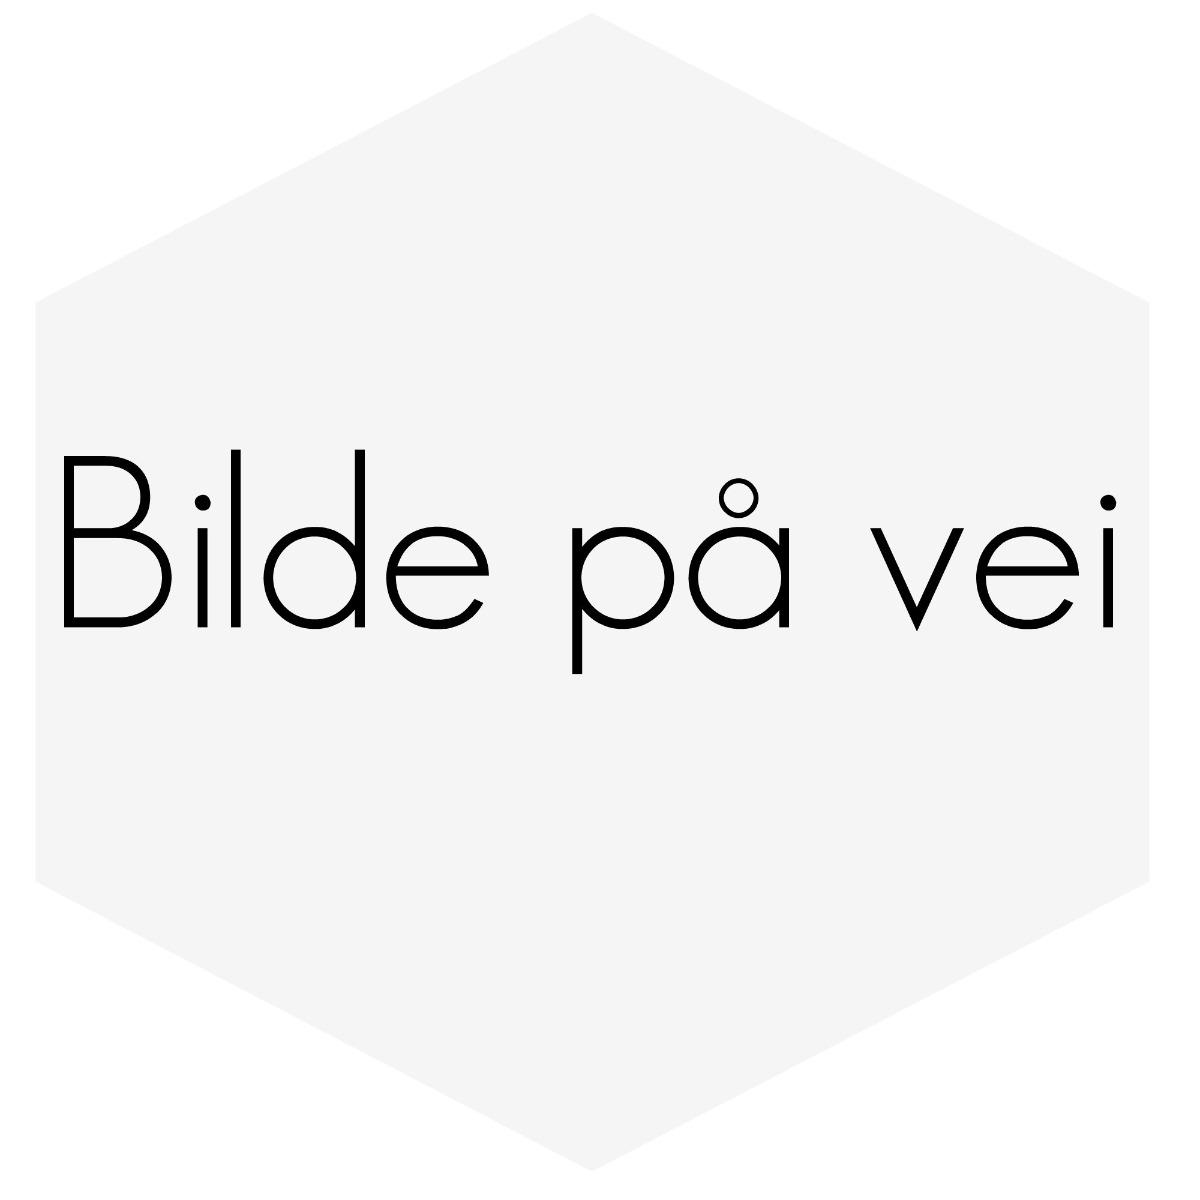 FUELRAIL VOLVO RØD MOTOR 4 SYL.B23/B230 8V OG 16V  SORT